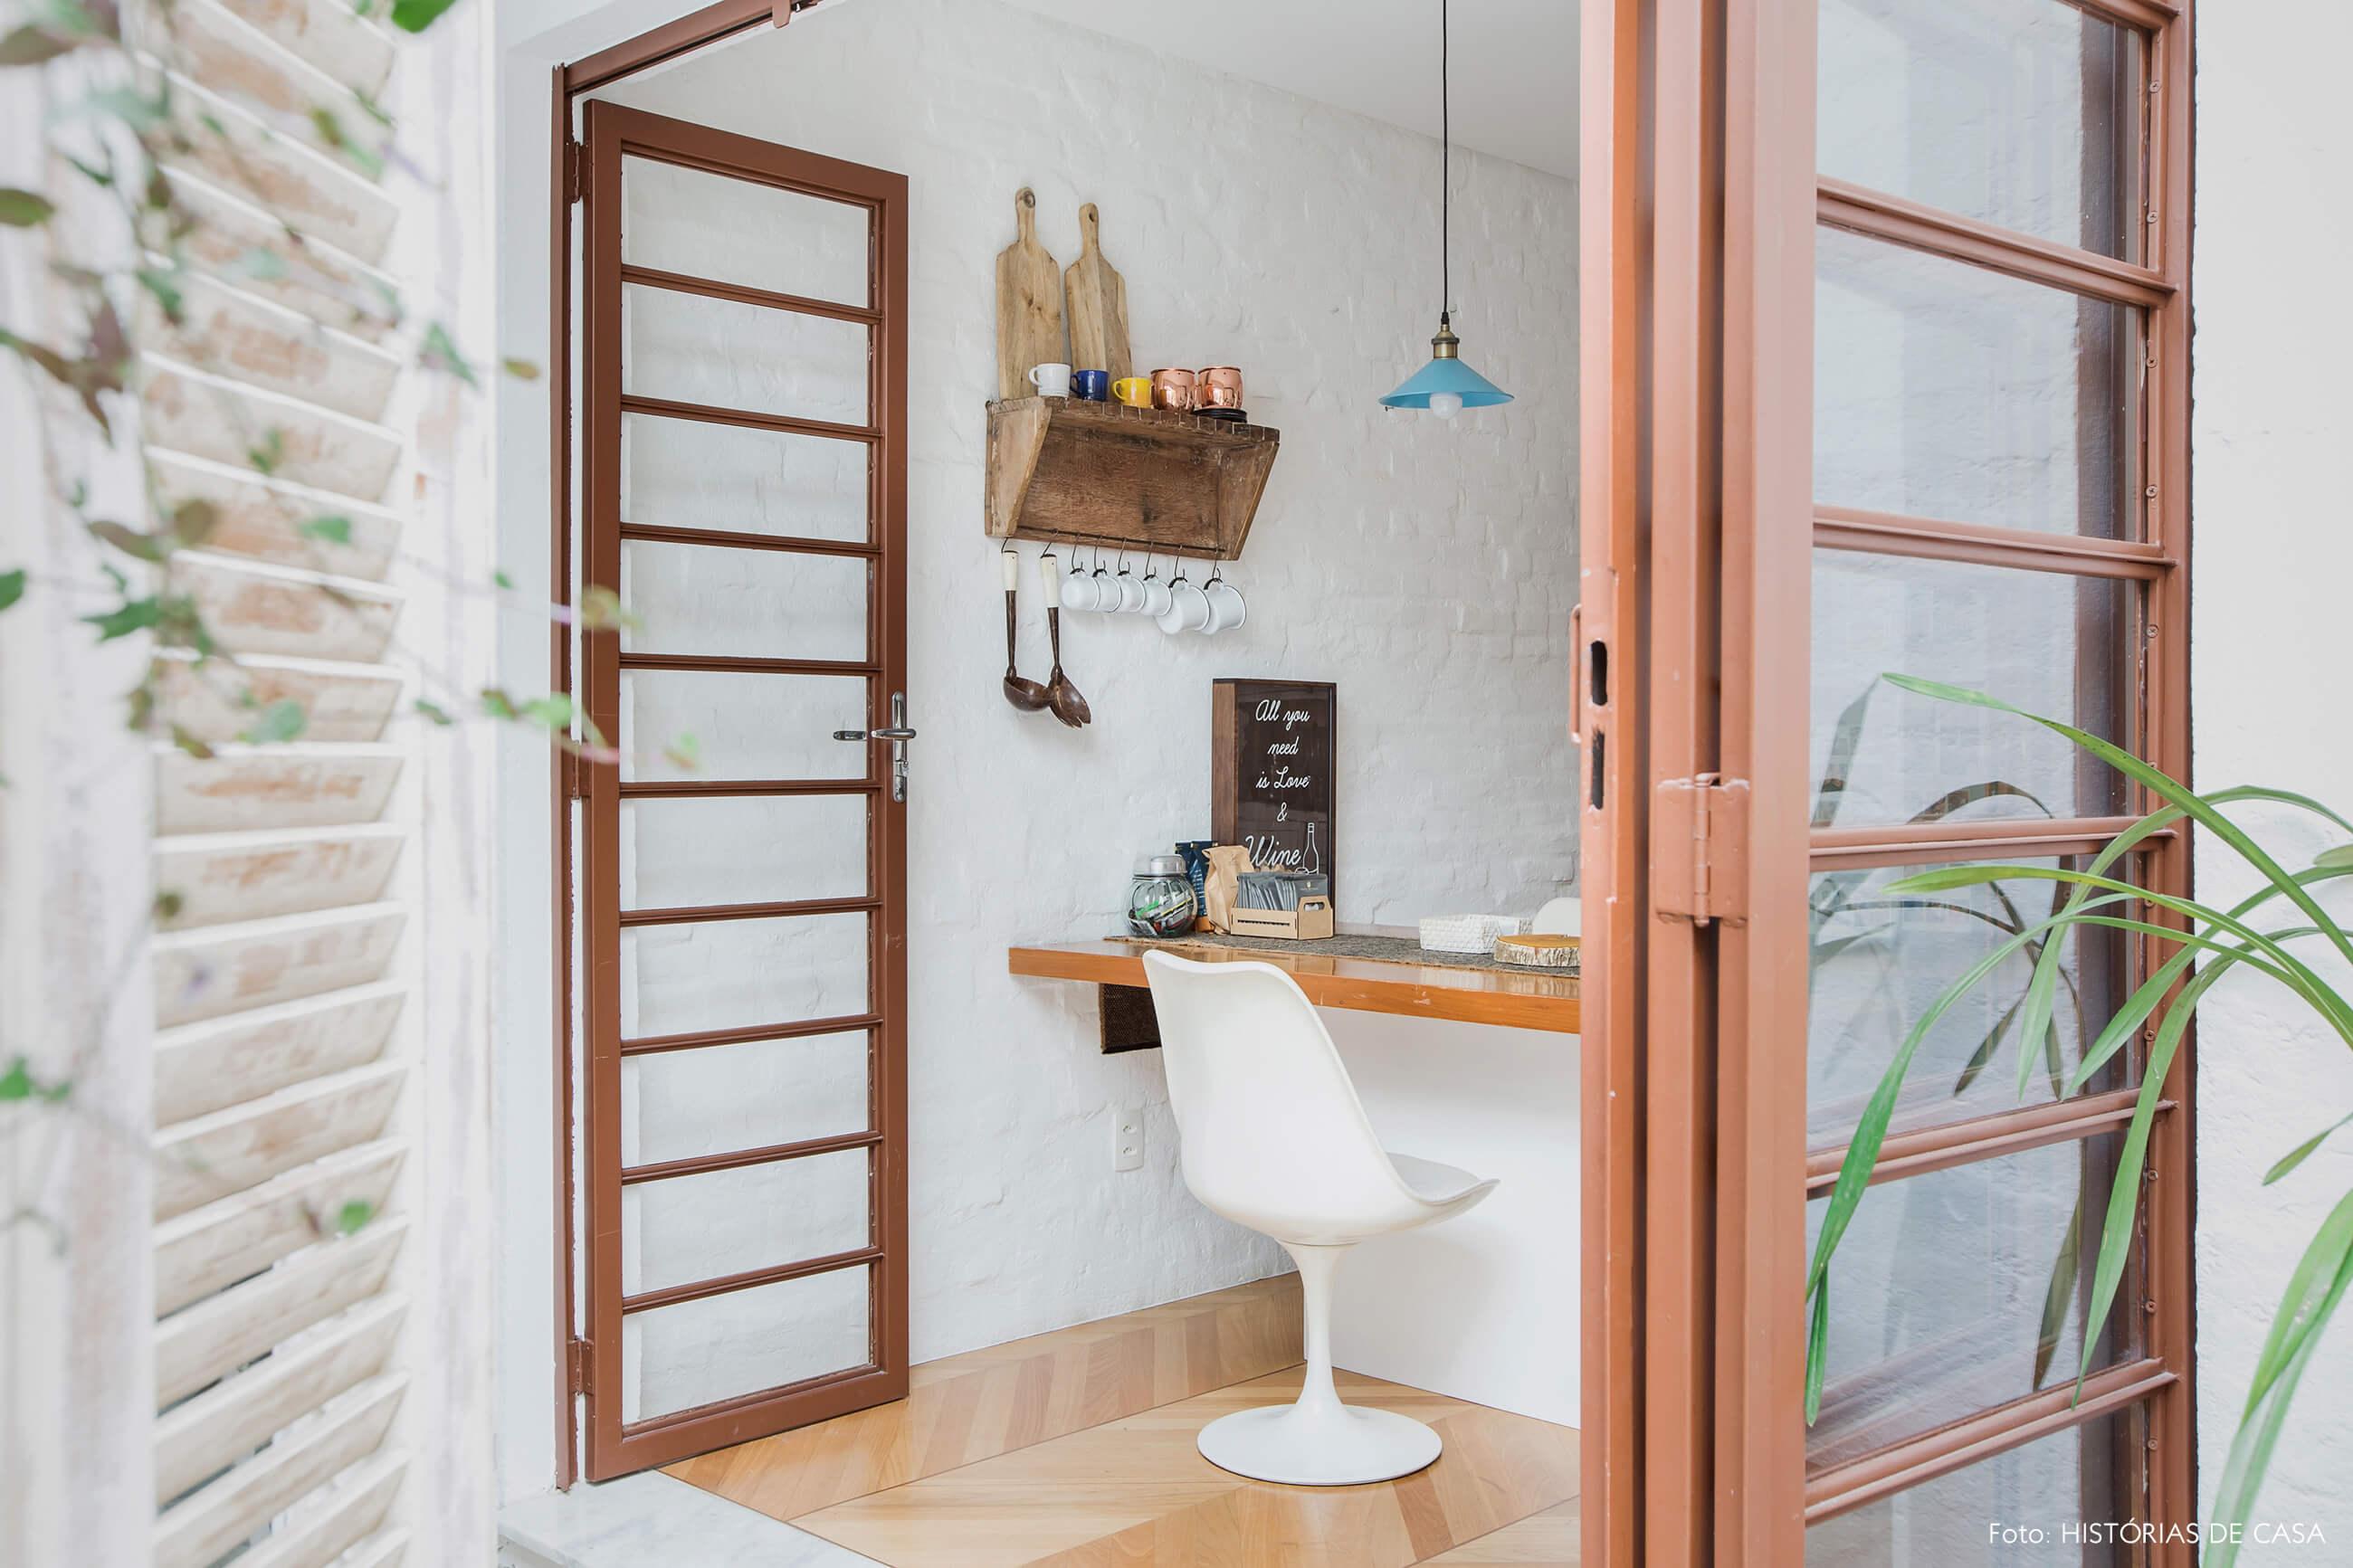 Casa com quintal e portas de serralheria